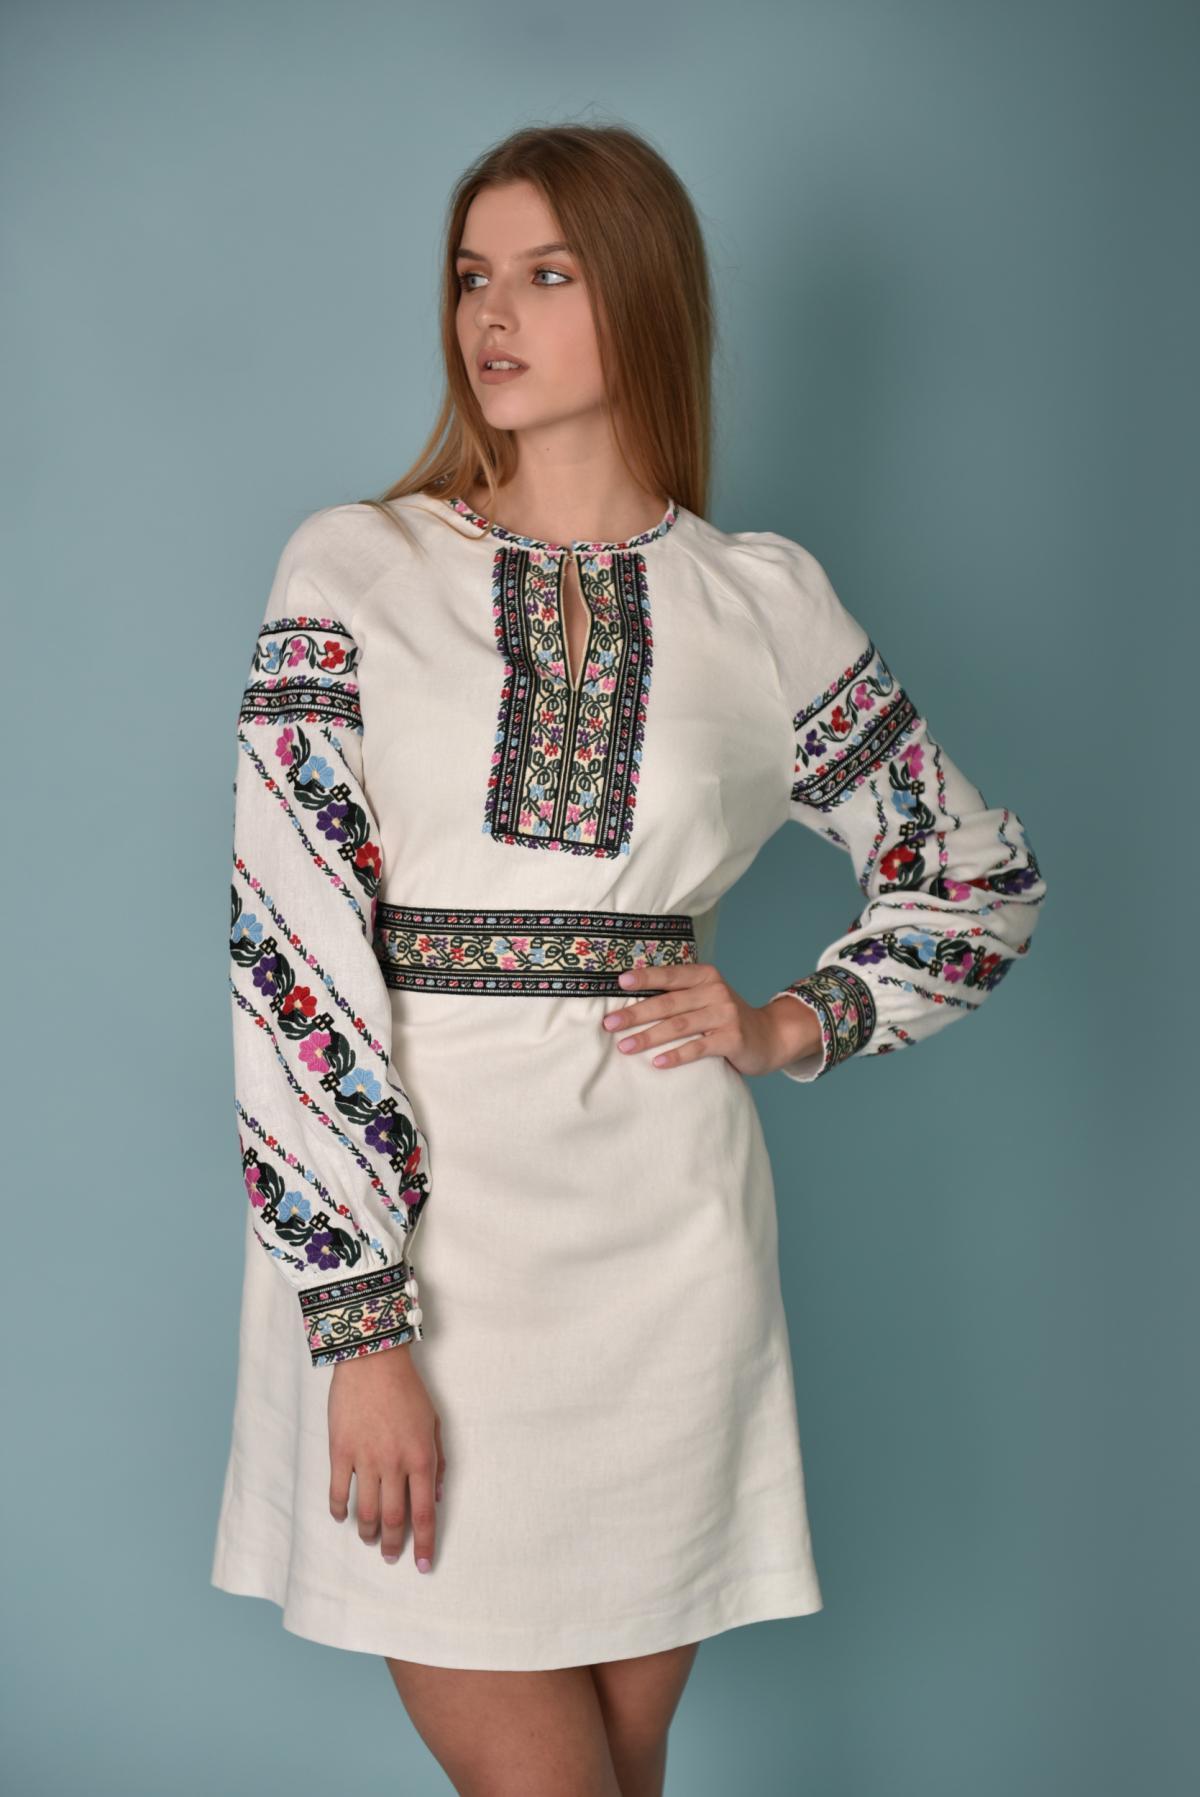 Біла вишита сукня з барвистою вишивкою. Фото №3. | Народний дім Україна